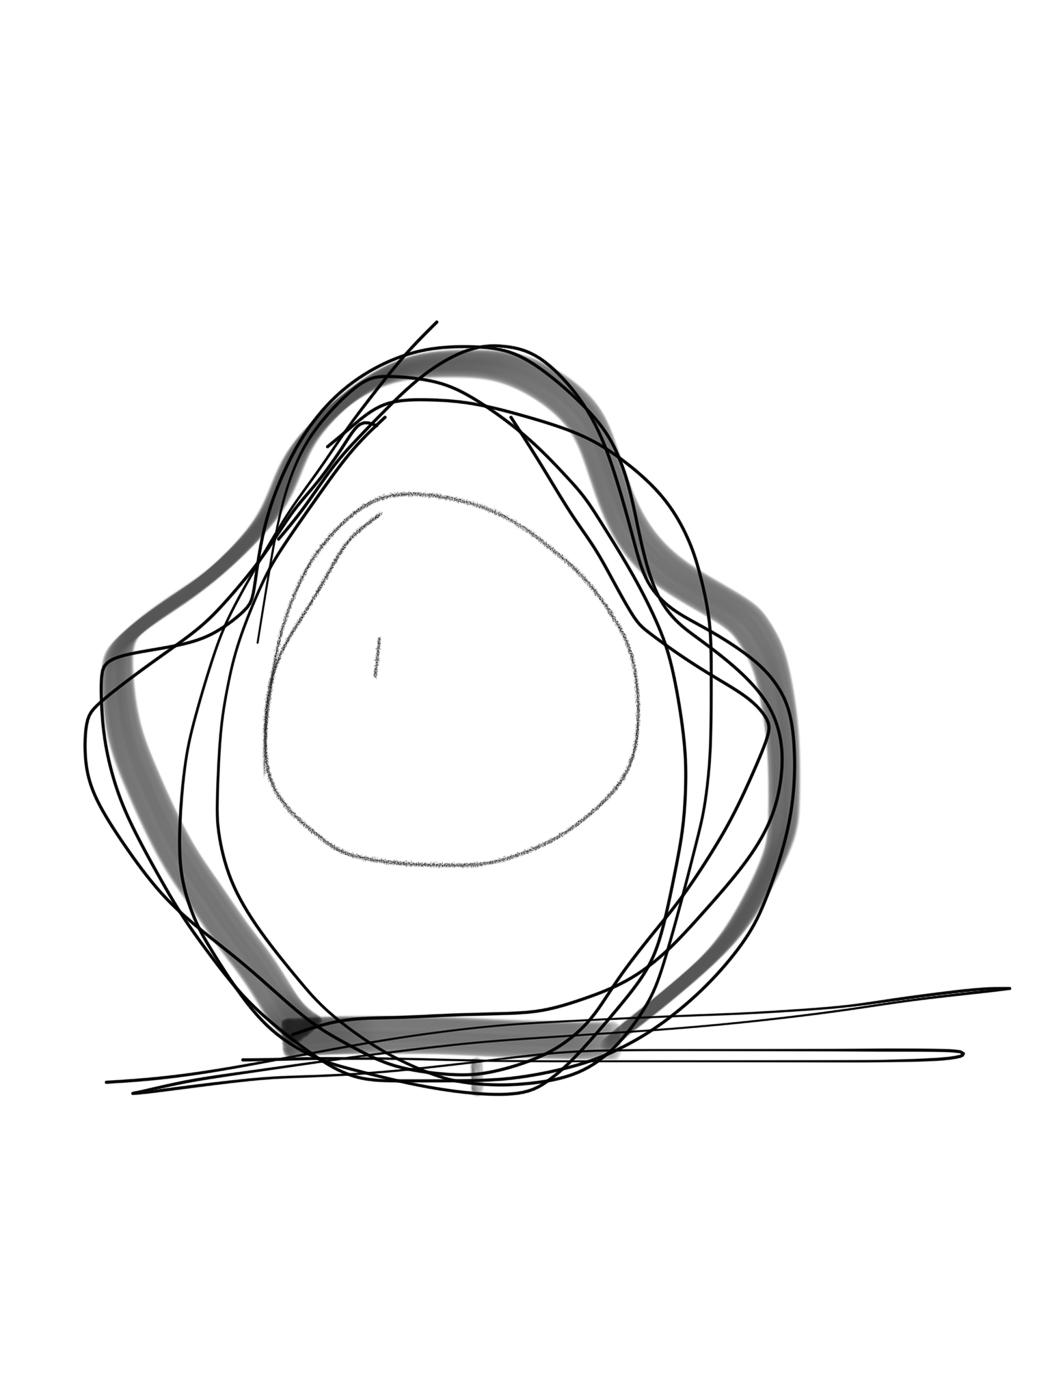 Sketch-440.jpg